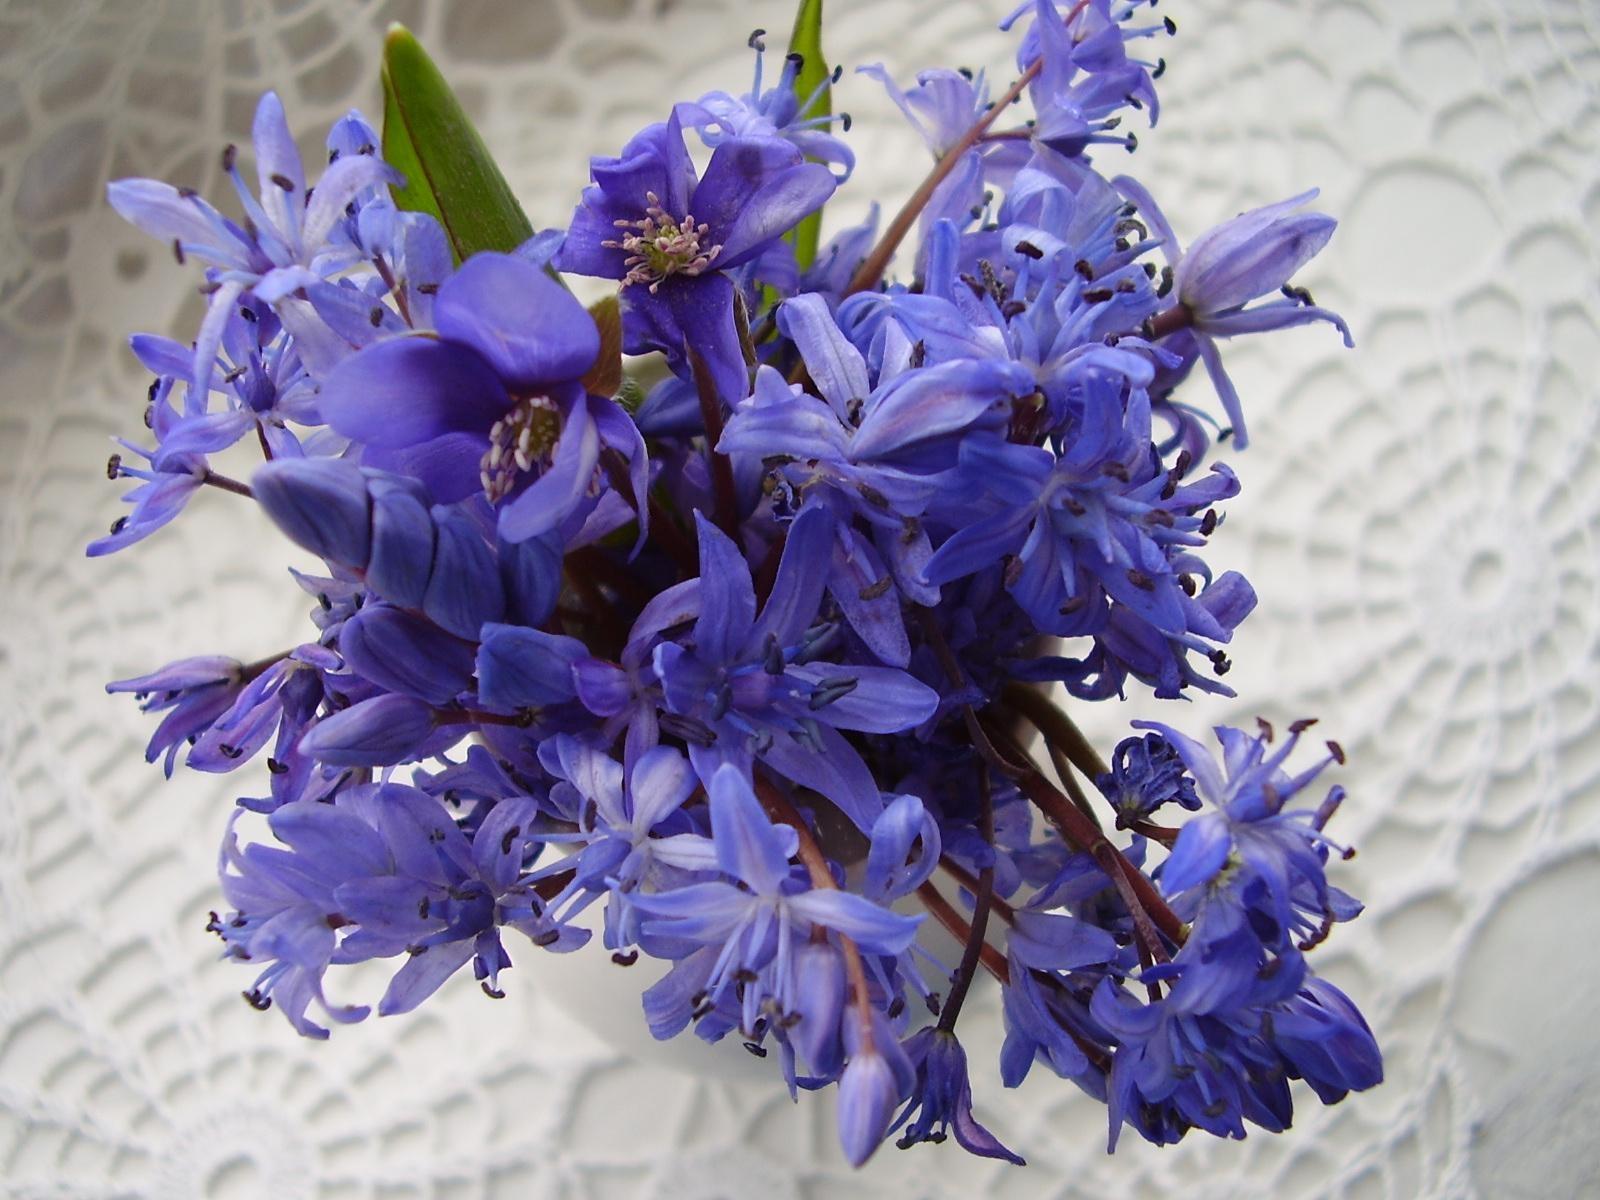 Mazzo Di Fiori Viola.Sfondi Viola Blu Erba Fiore Giacinto Flora Mazzo Petalo